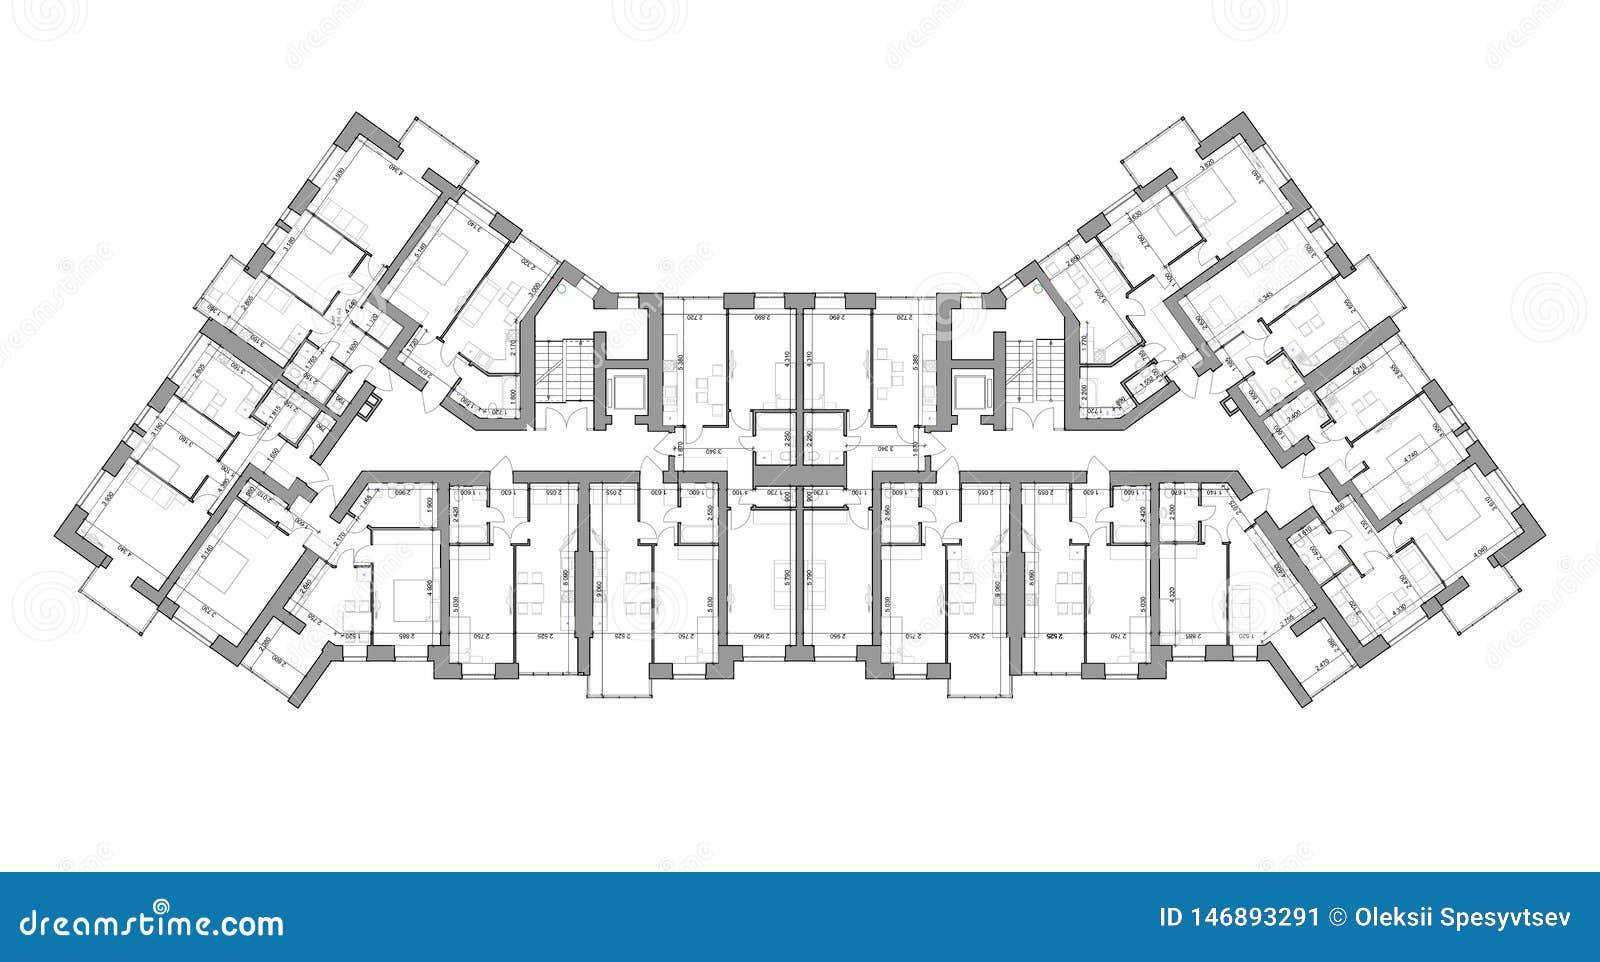 Λεπτομερές αρχιτεκτονικό σχέδιο ορόφων, σχεδιάγραμμα διαμερισμάτων, σχεδιάγραμμα r